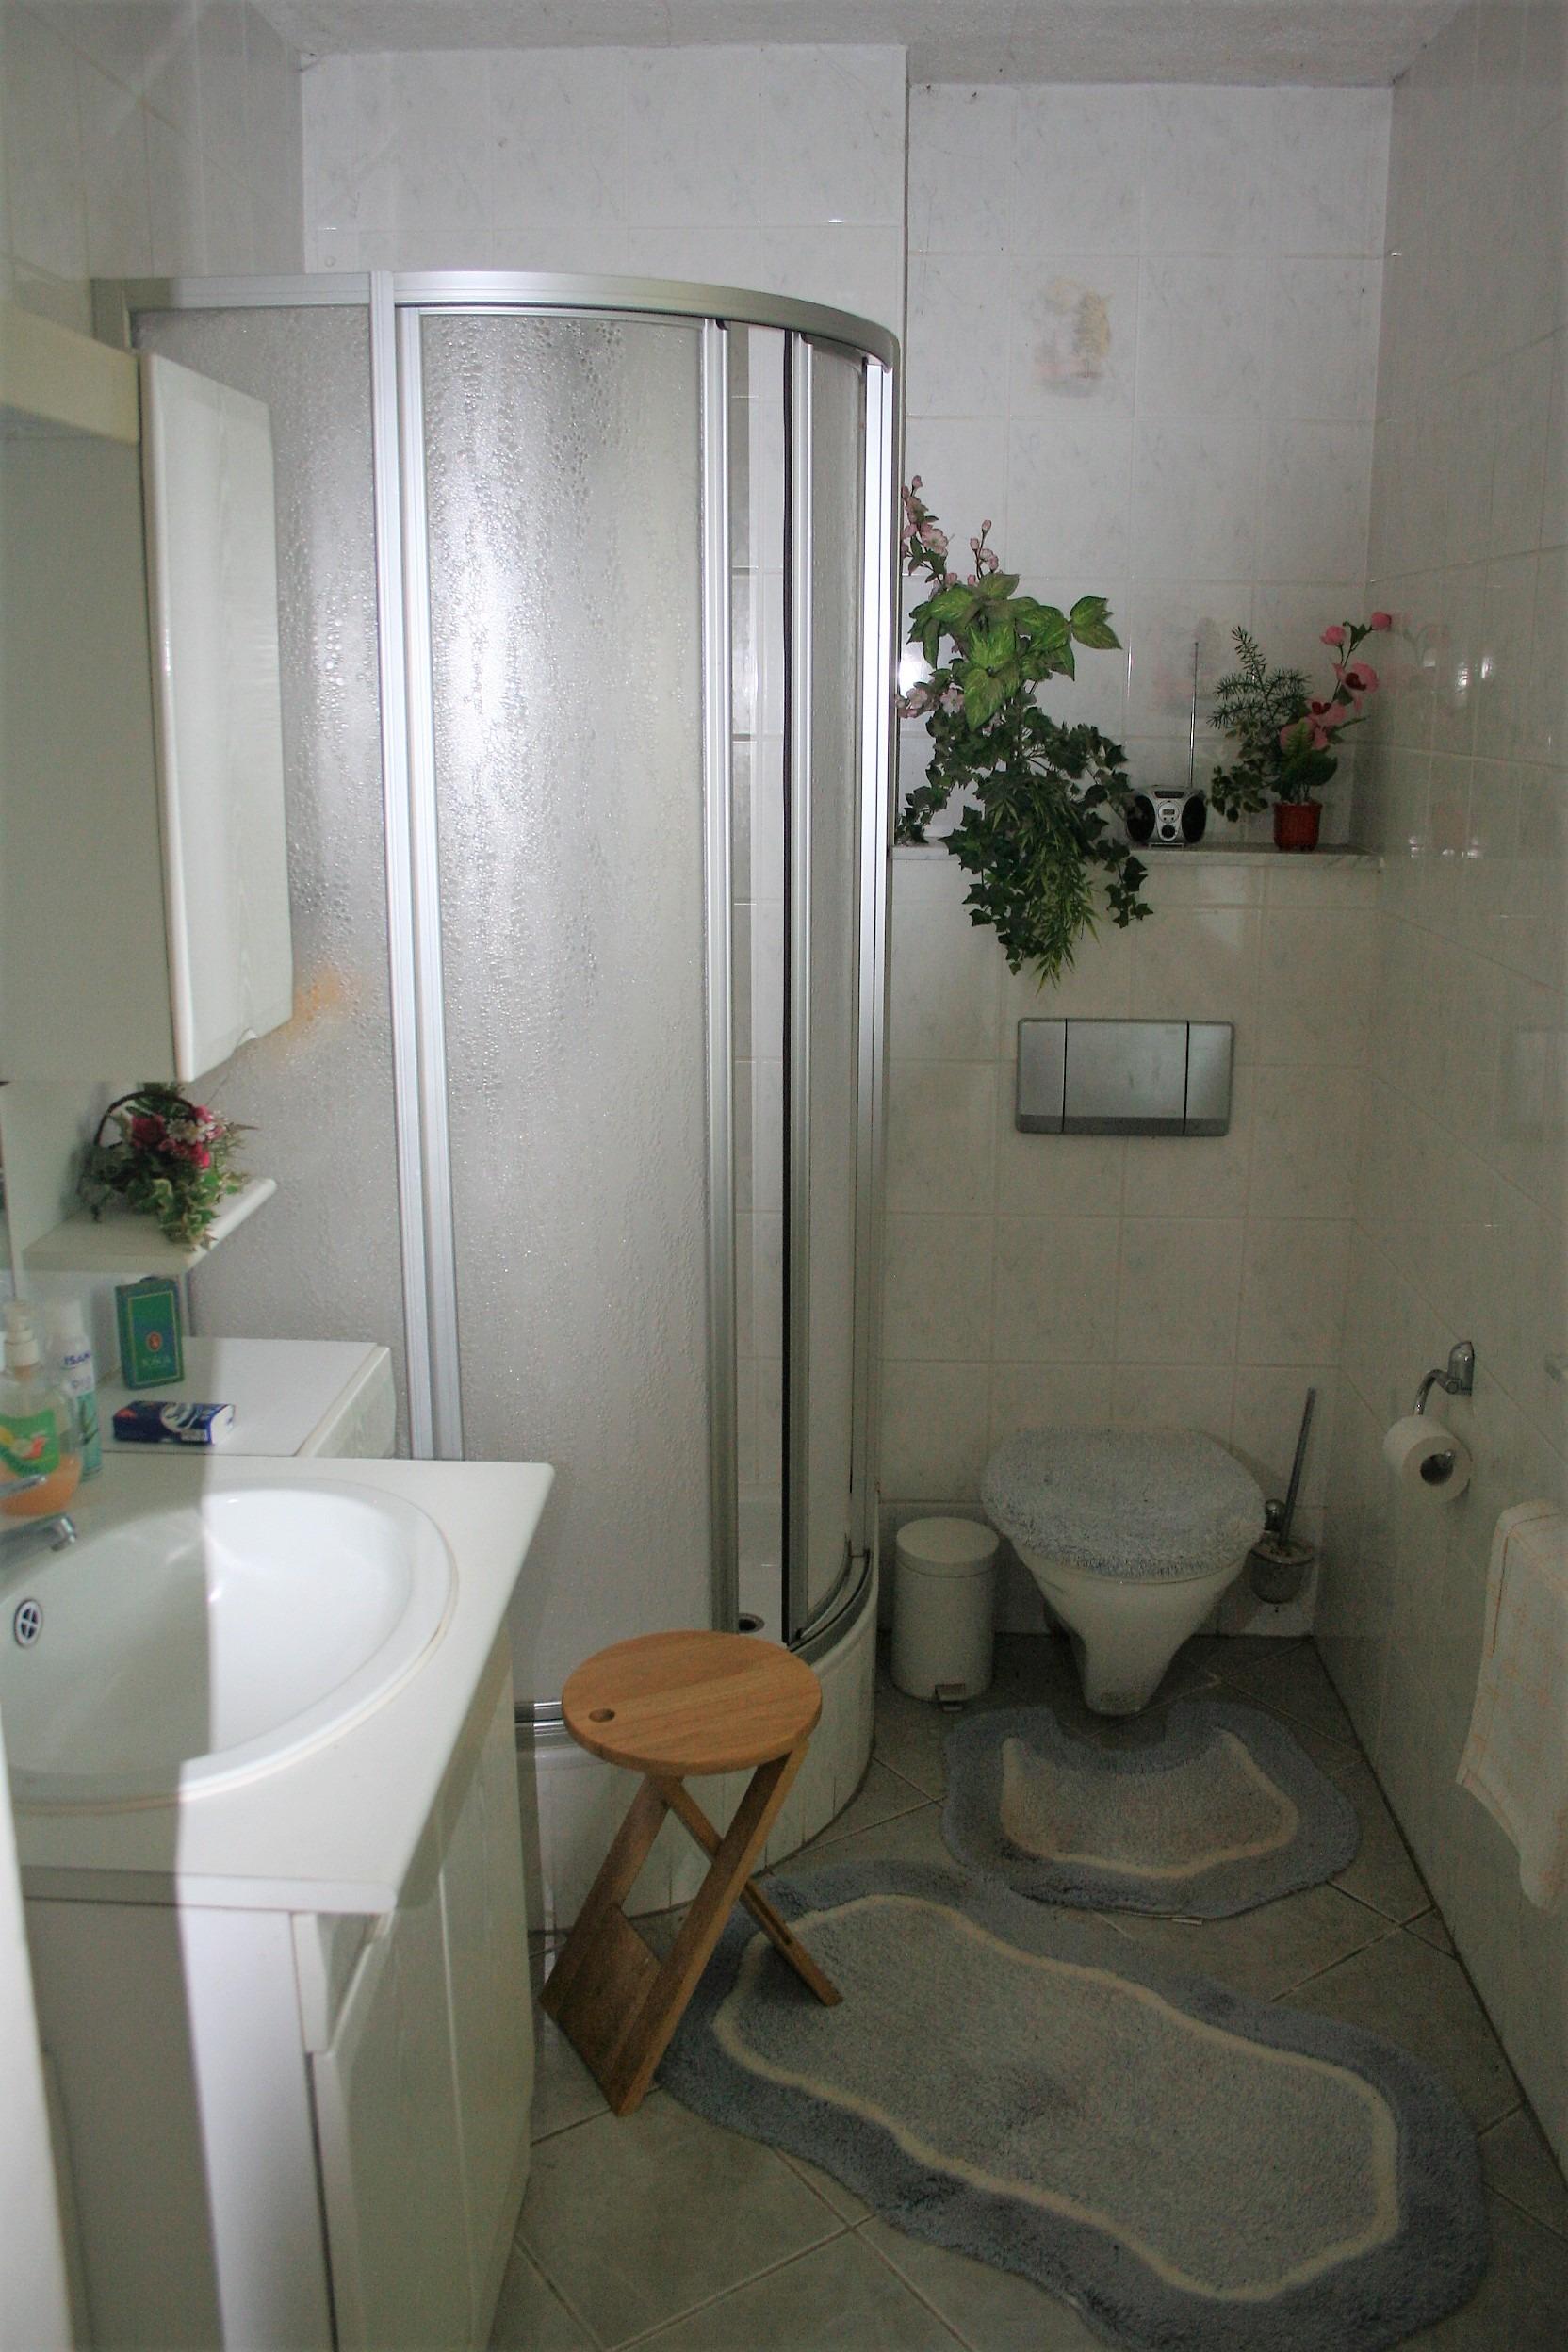 Wochenendgrundstück in Gorenzen - Bad mit Dusche